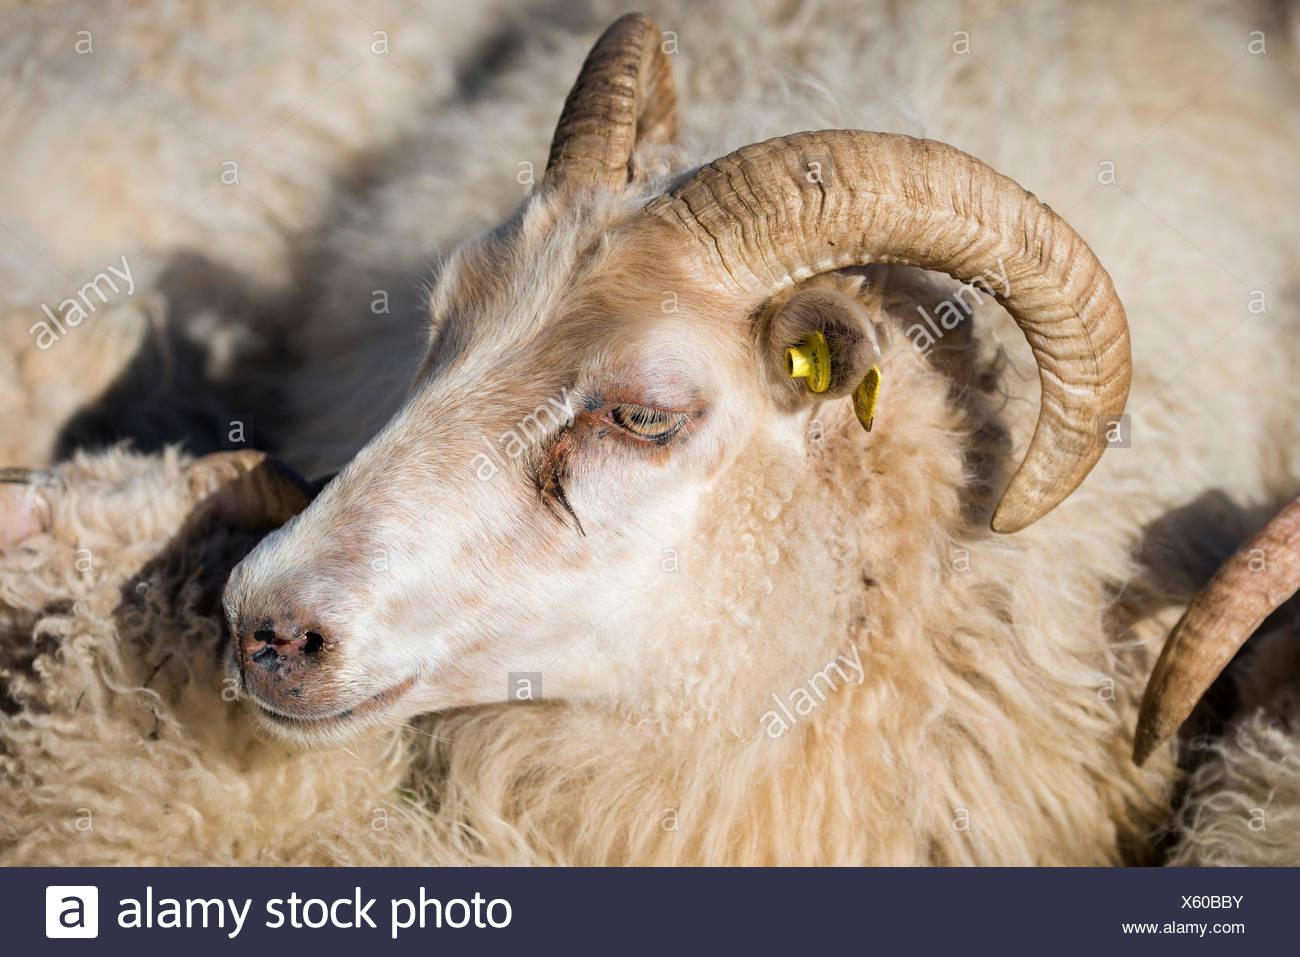 Schafe mit Ohrmarke, Schafe Transhumanz, in der Nähe von Höfn, Island Stockbild